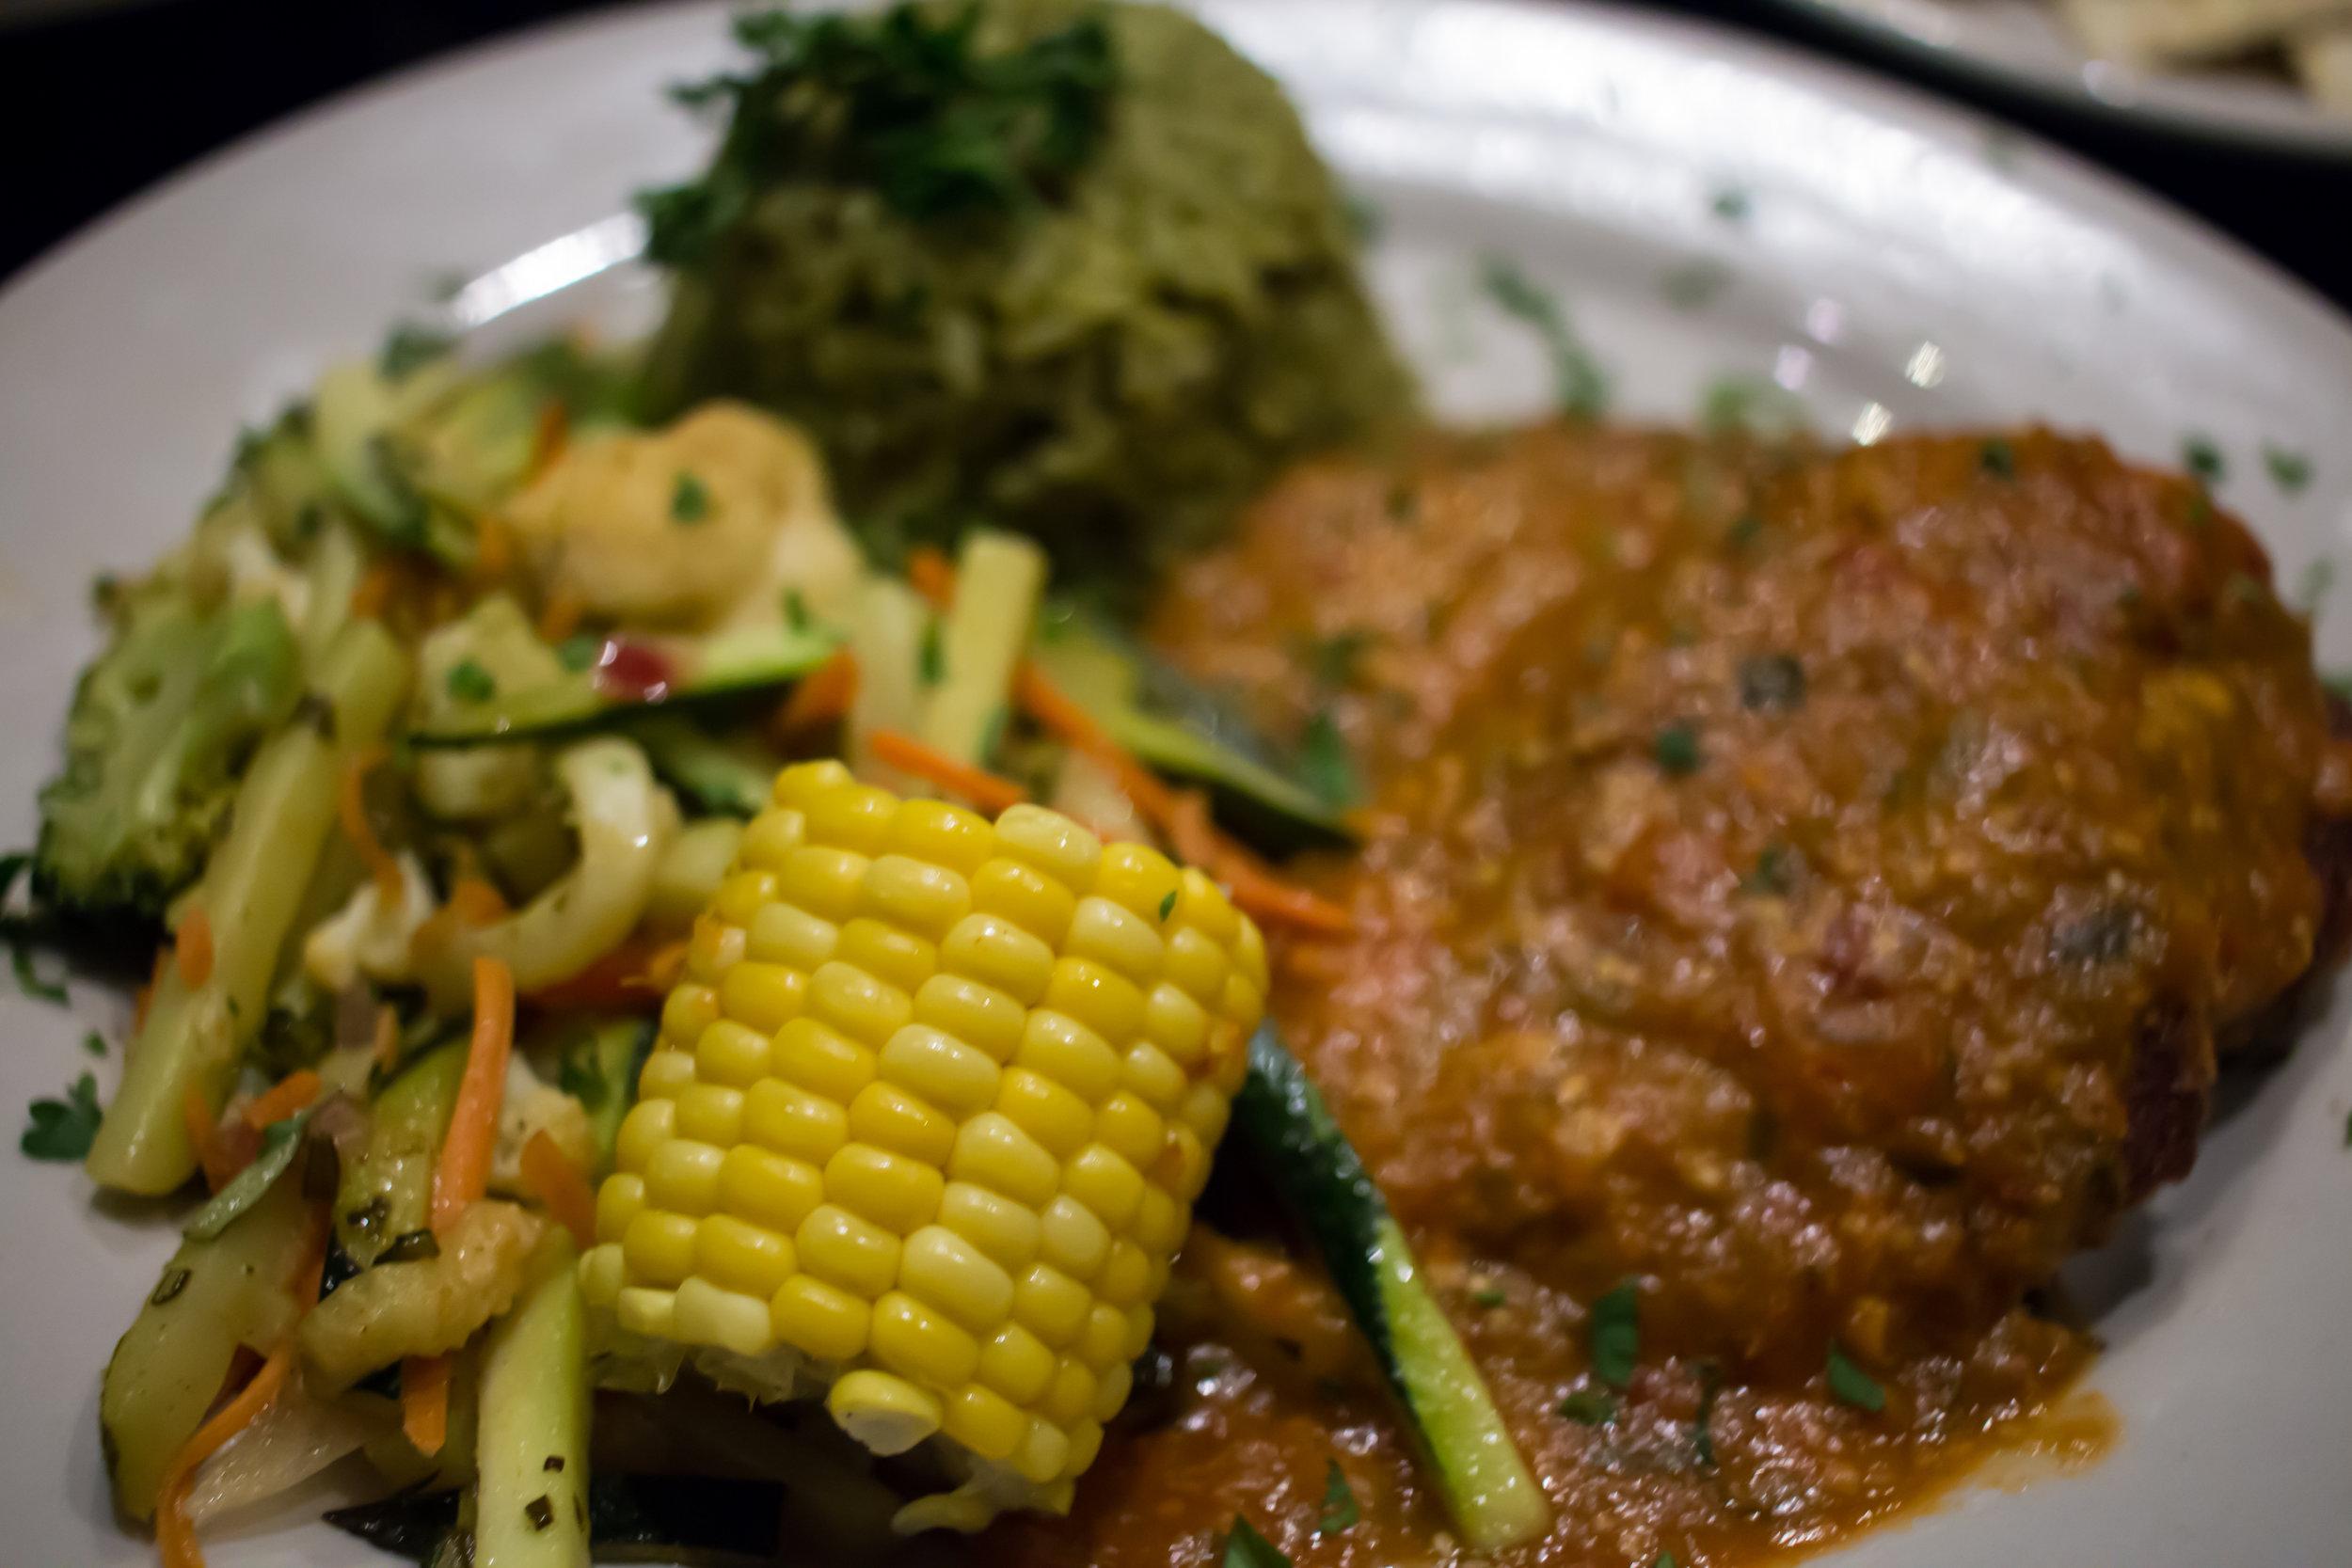 pollo-con-tomatillo-casabel-fernandos-mexican-cuisine